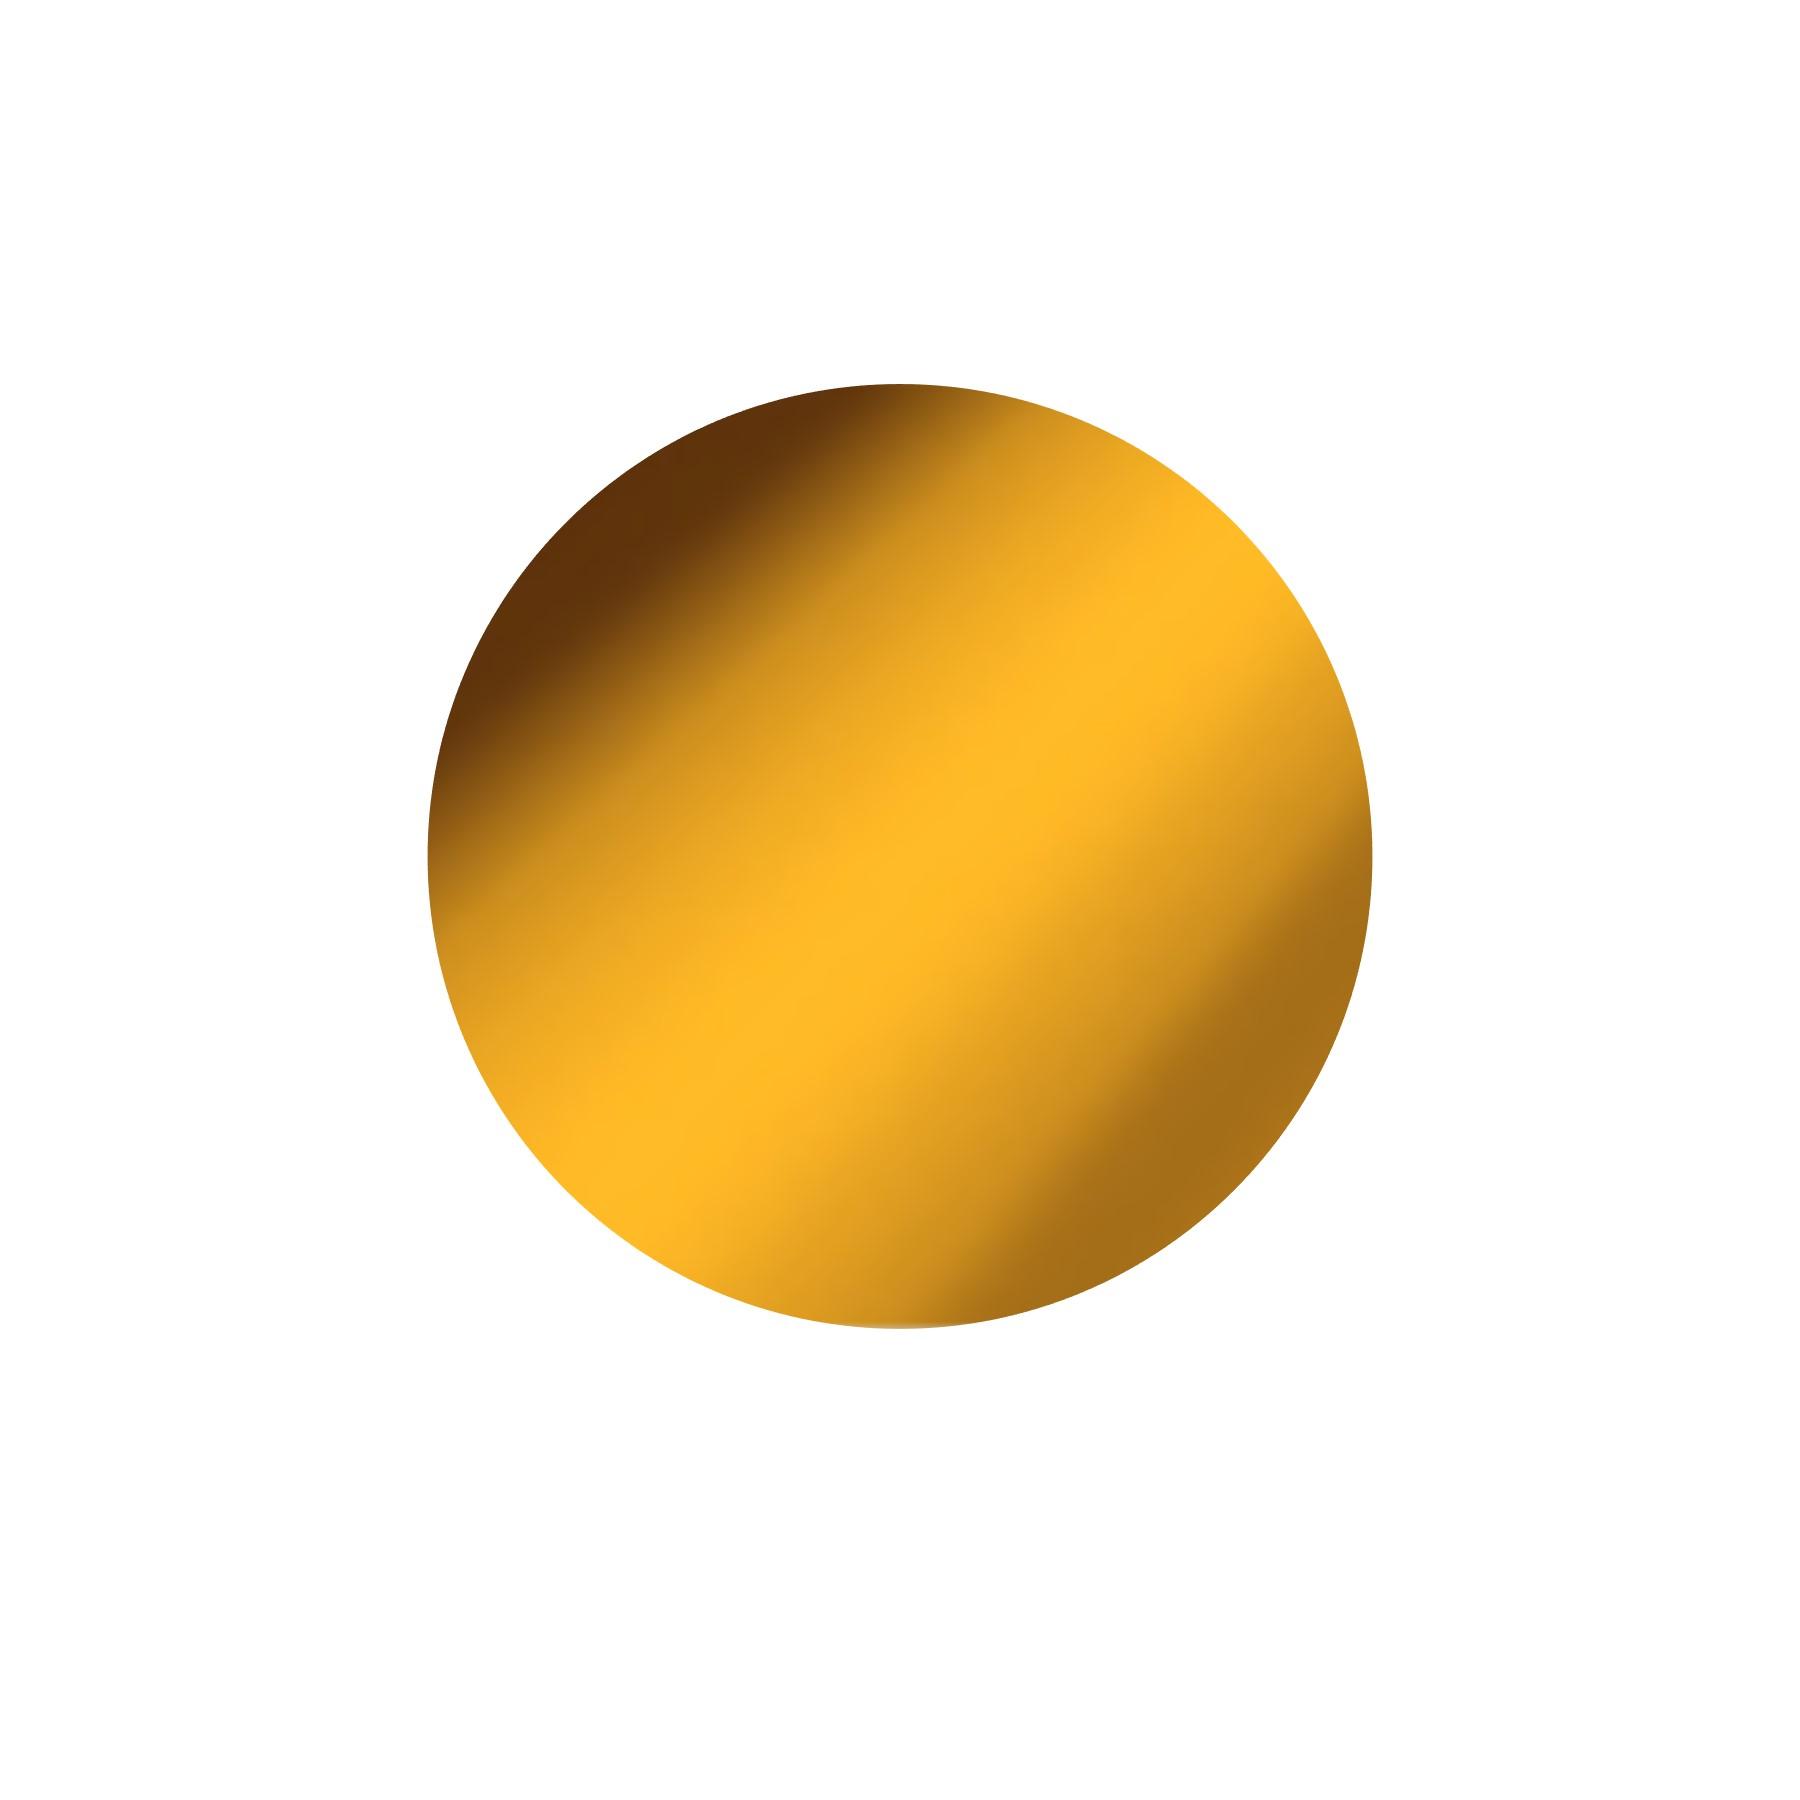 Vinilo termotransferible metalizado 30 x 50 cm  Dorado